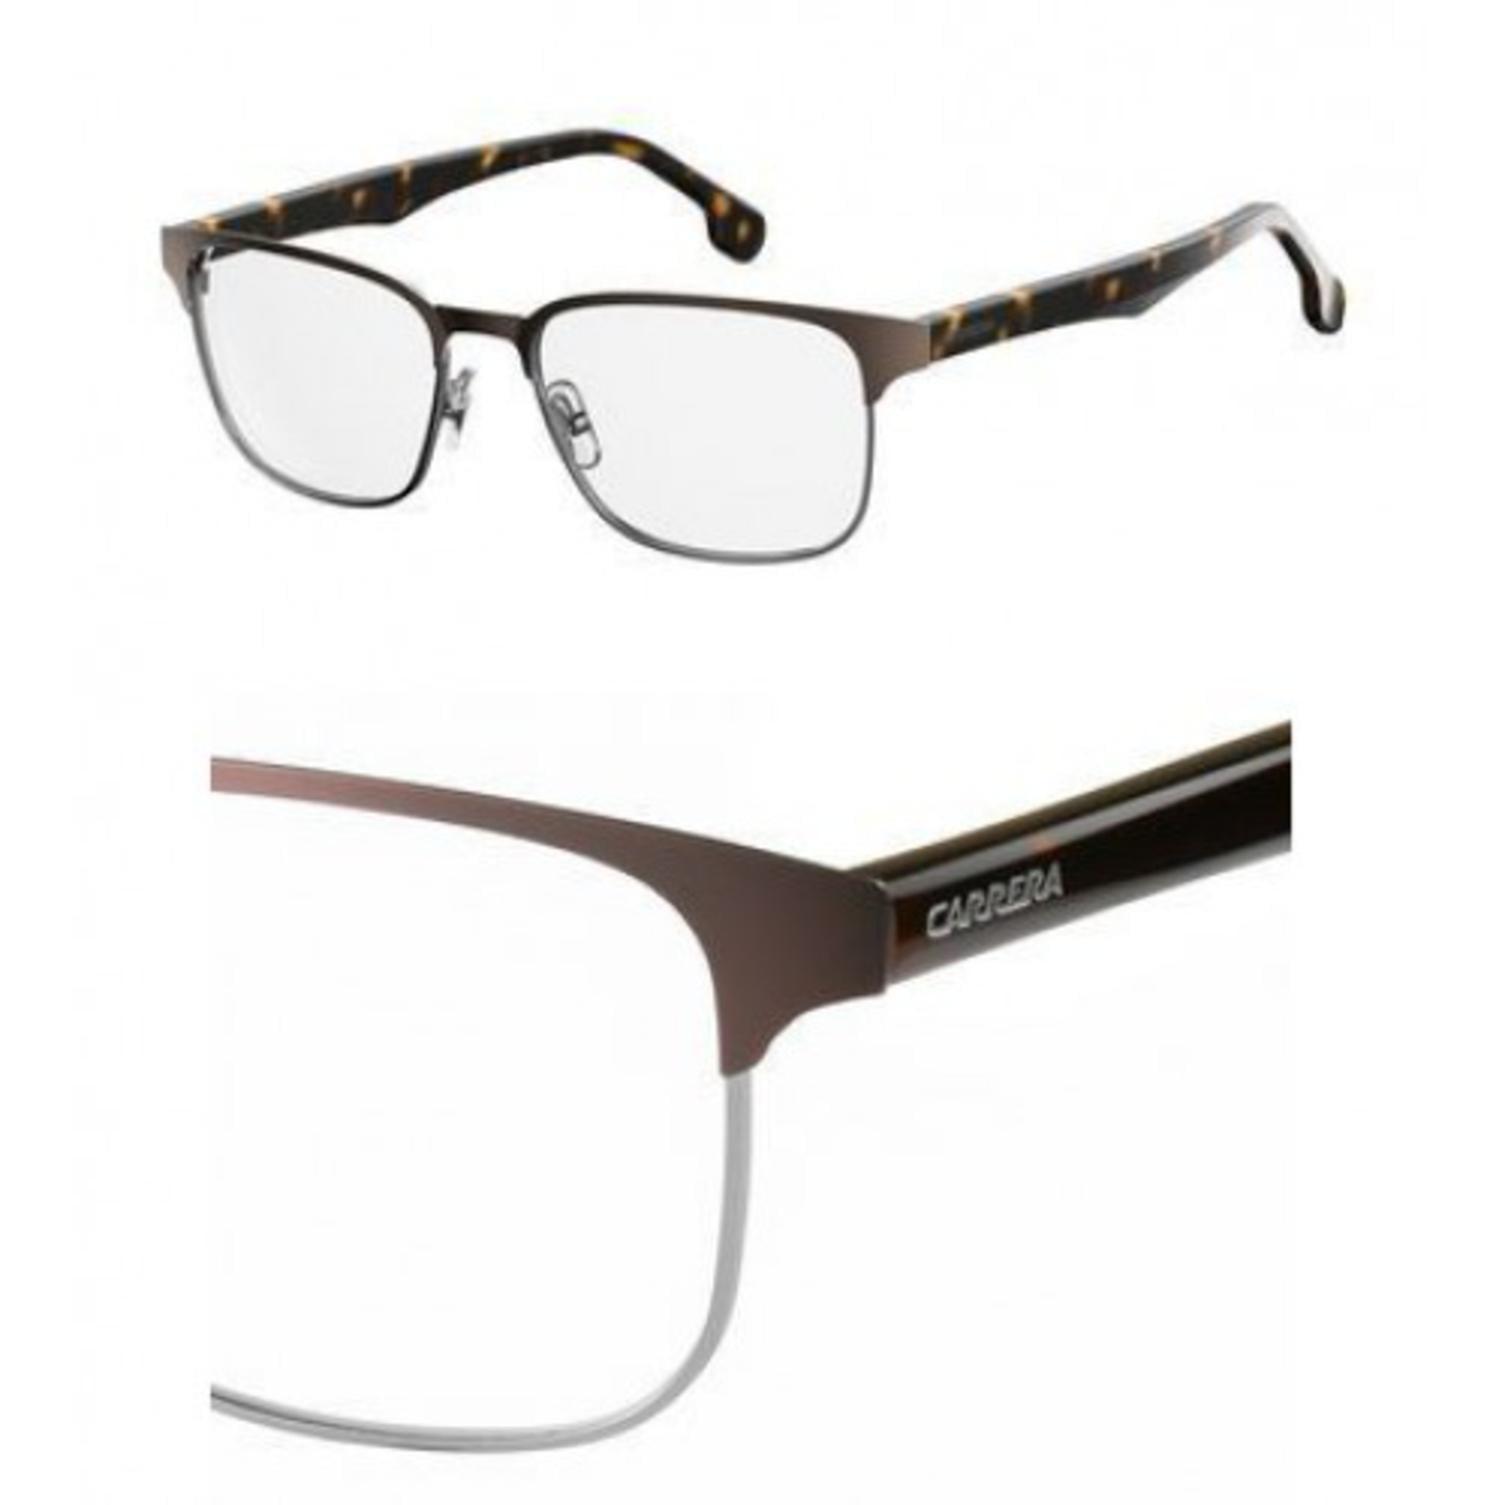 Carrera CA 138 Eyeglasses 04IN Matte Brown